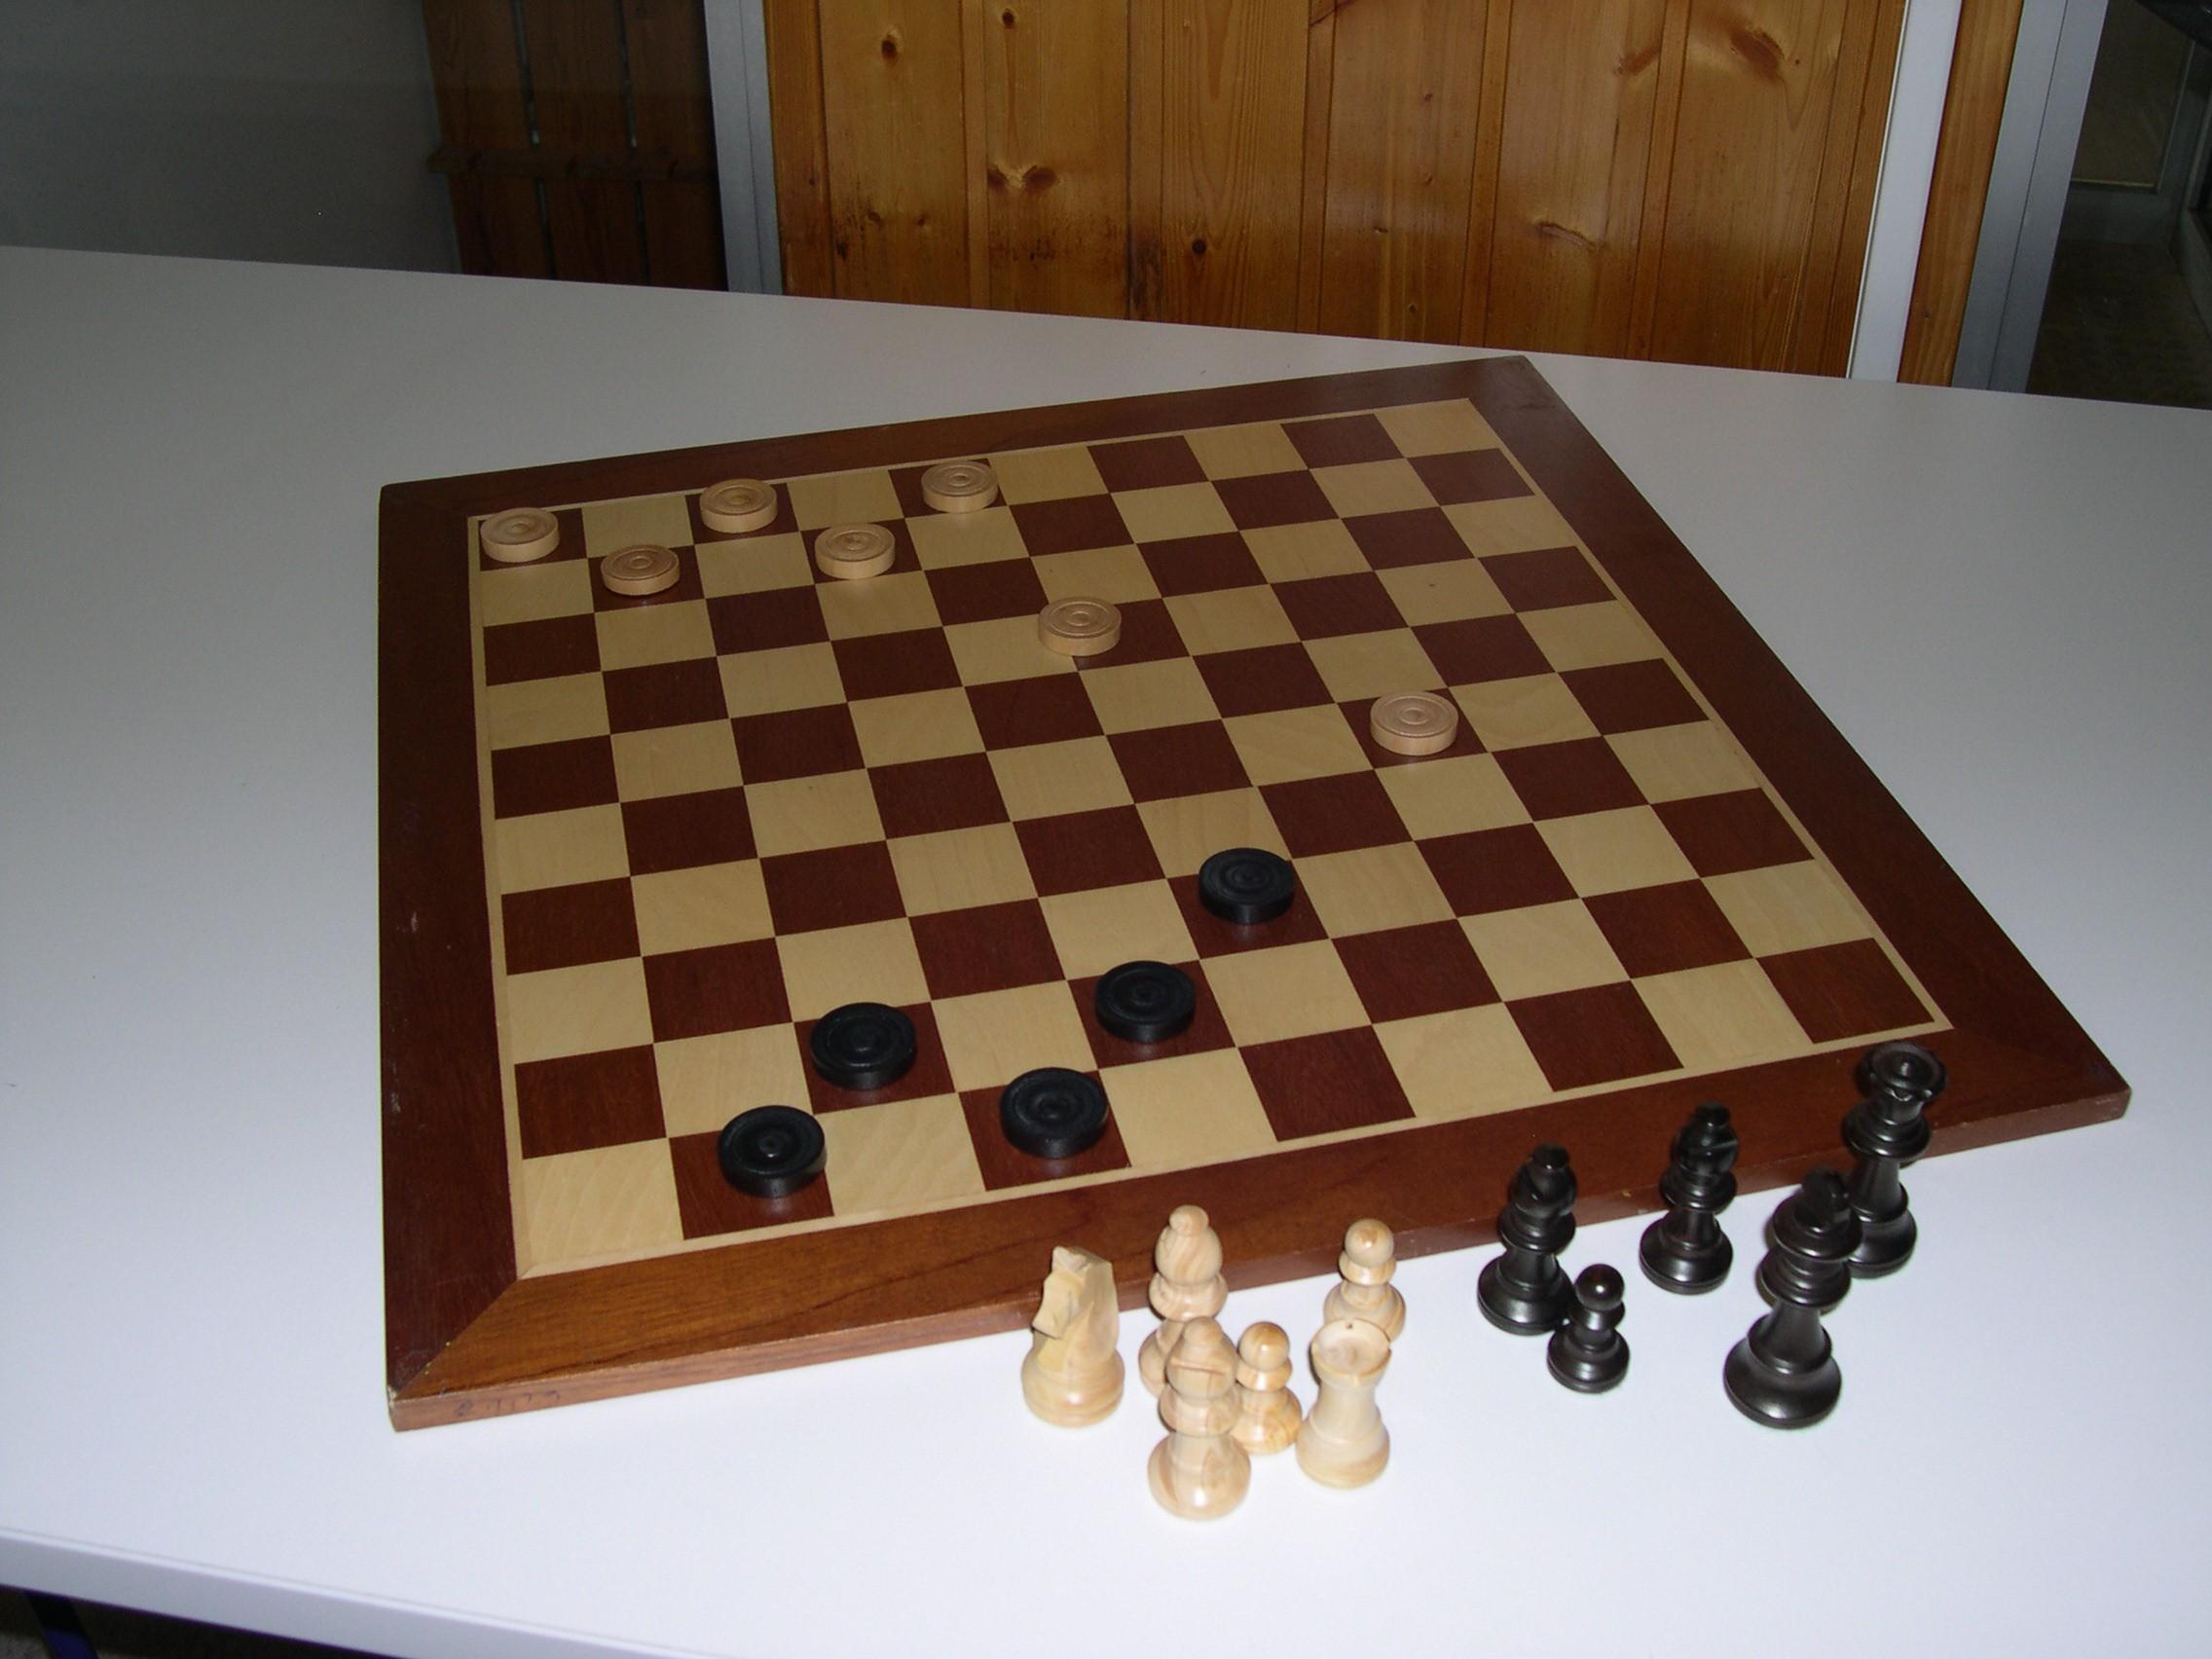 Jeu de dames et jeu d'échecs géants